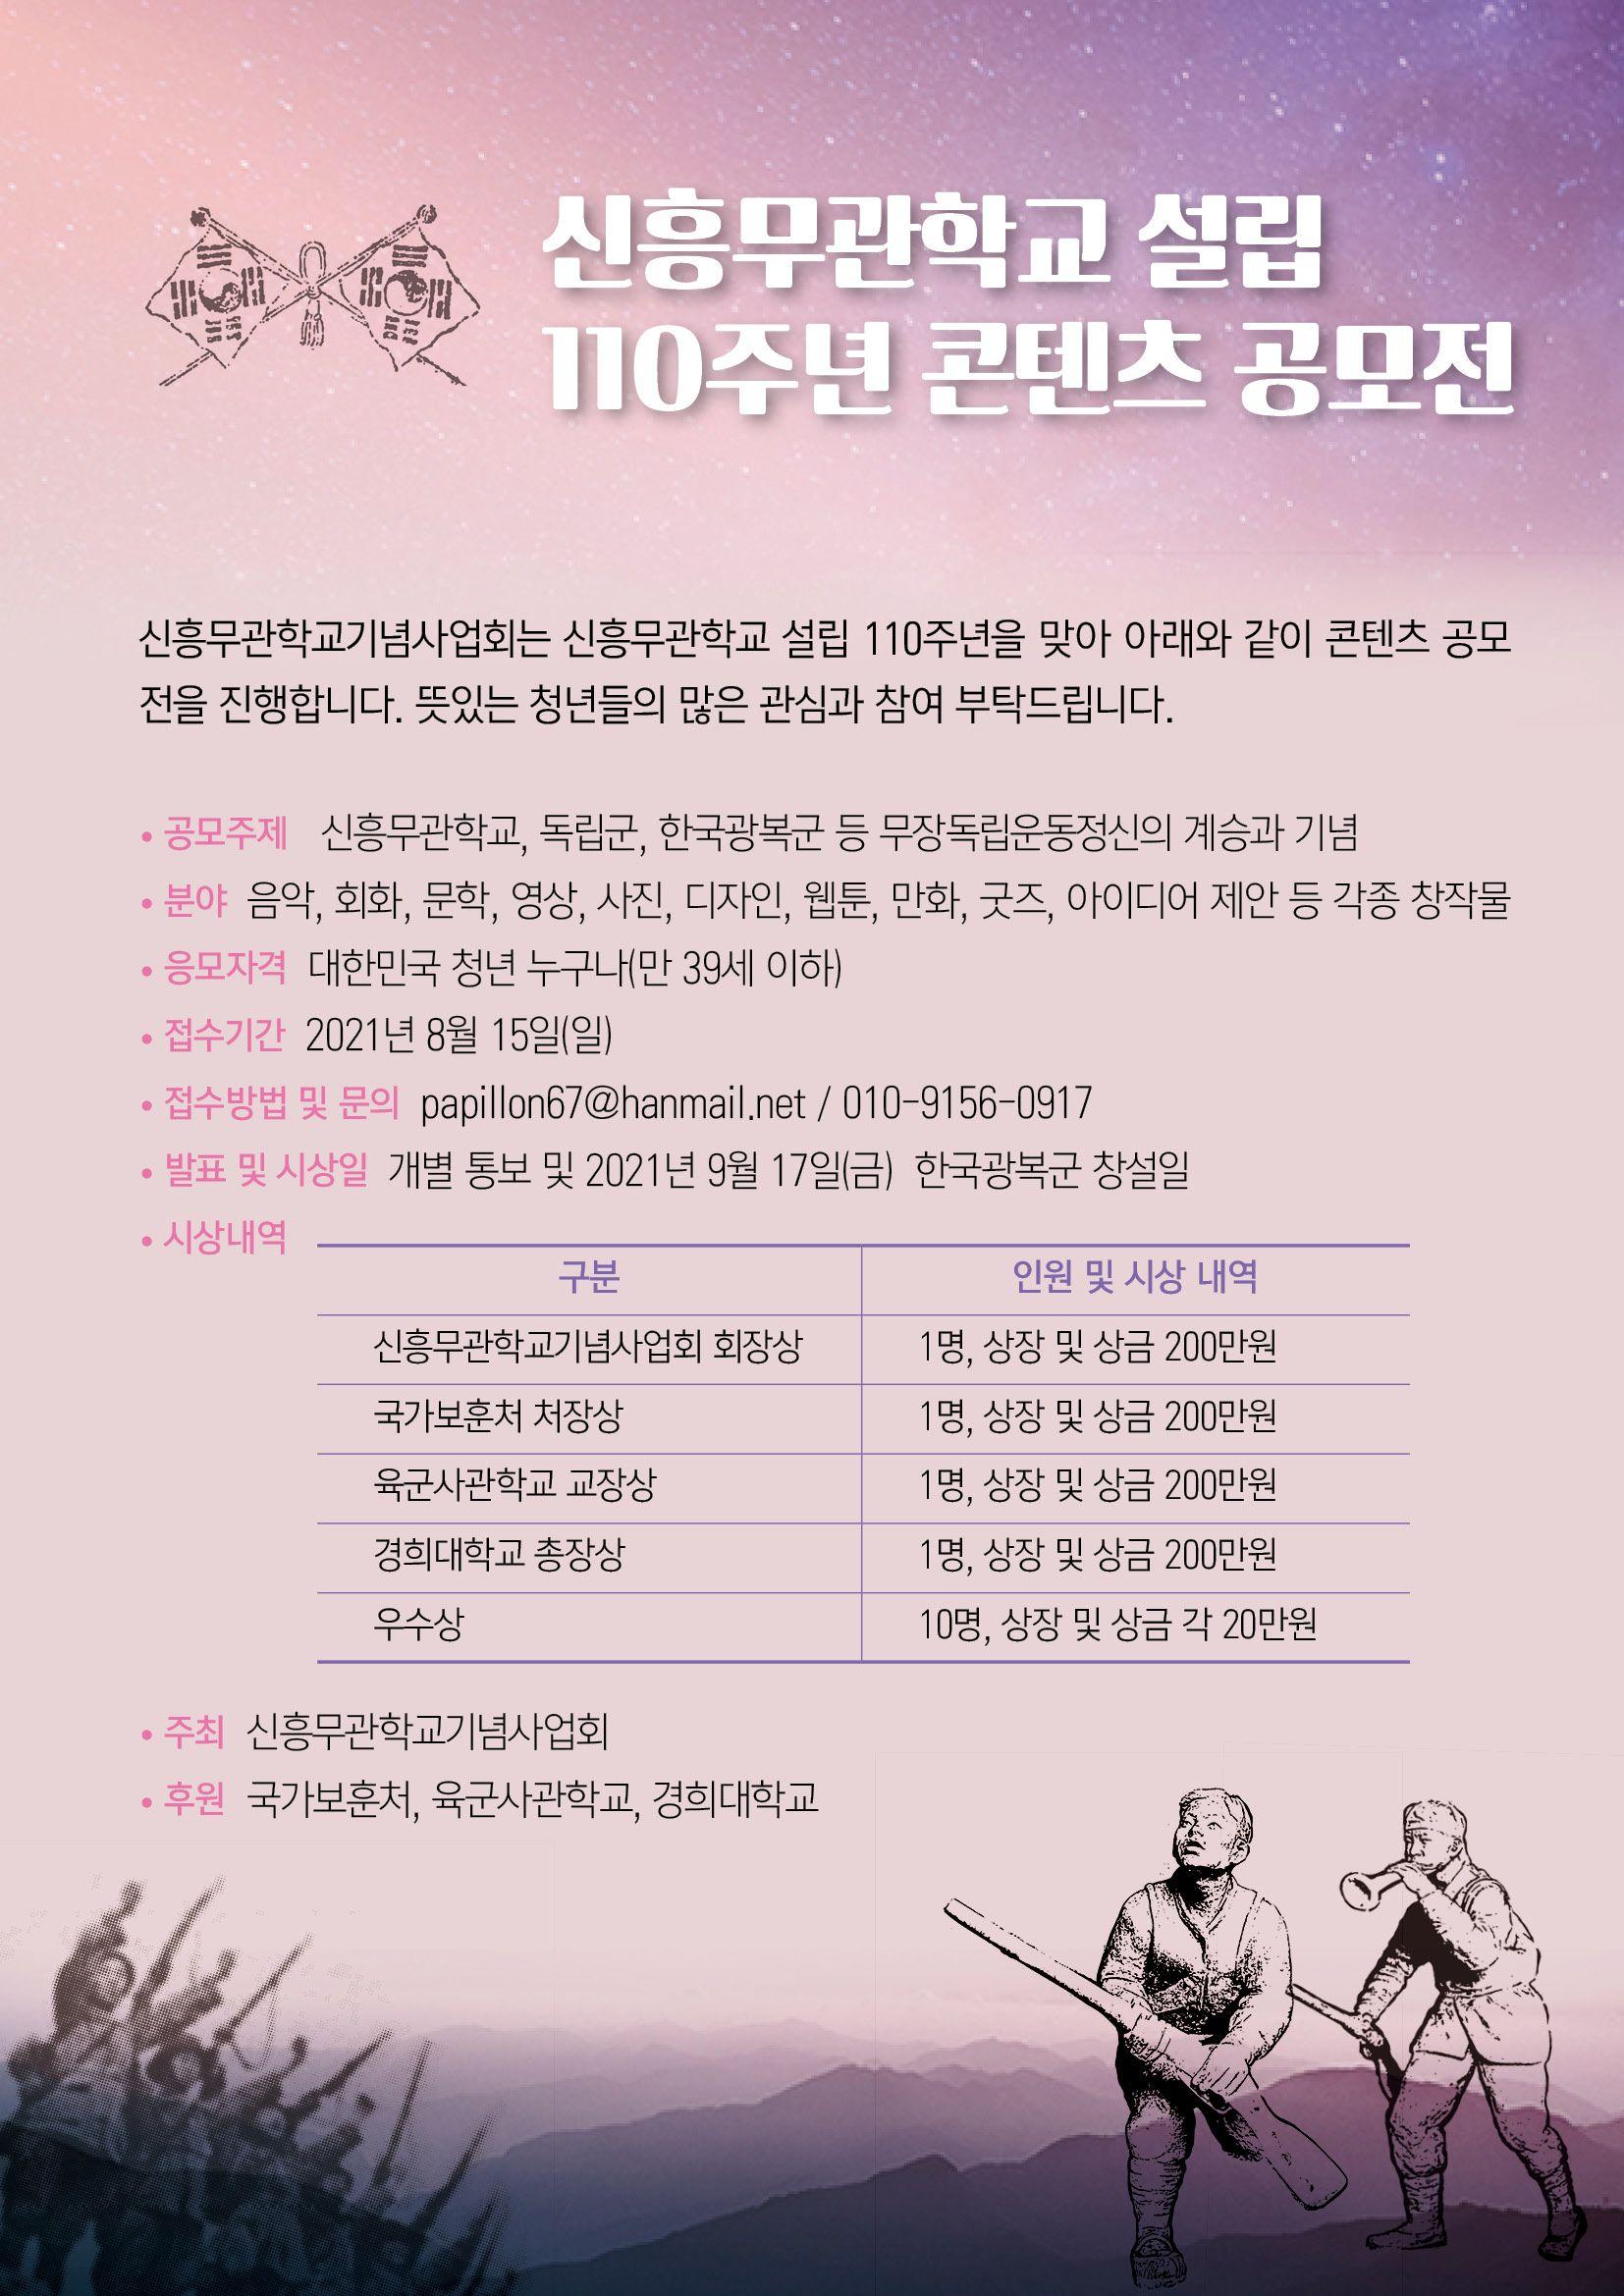 신흥무관학교110주년 청년콘텐츠공모전